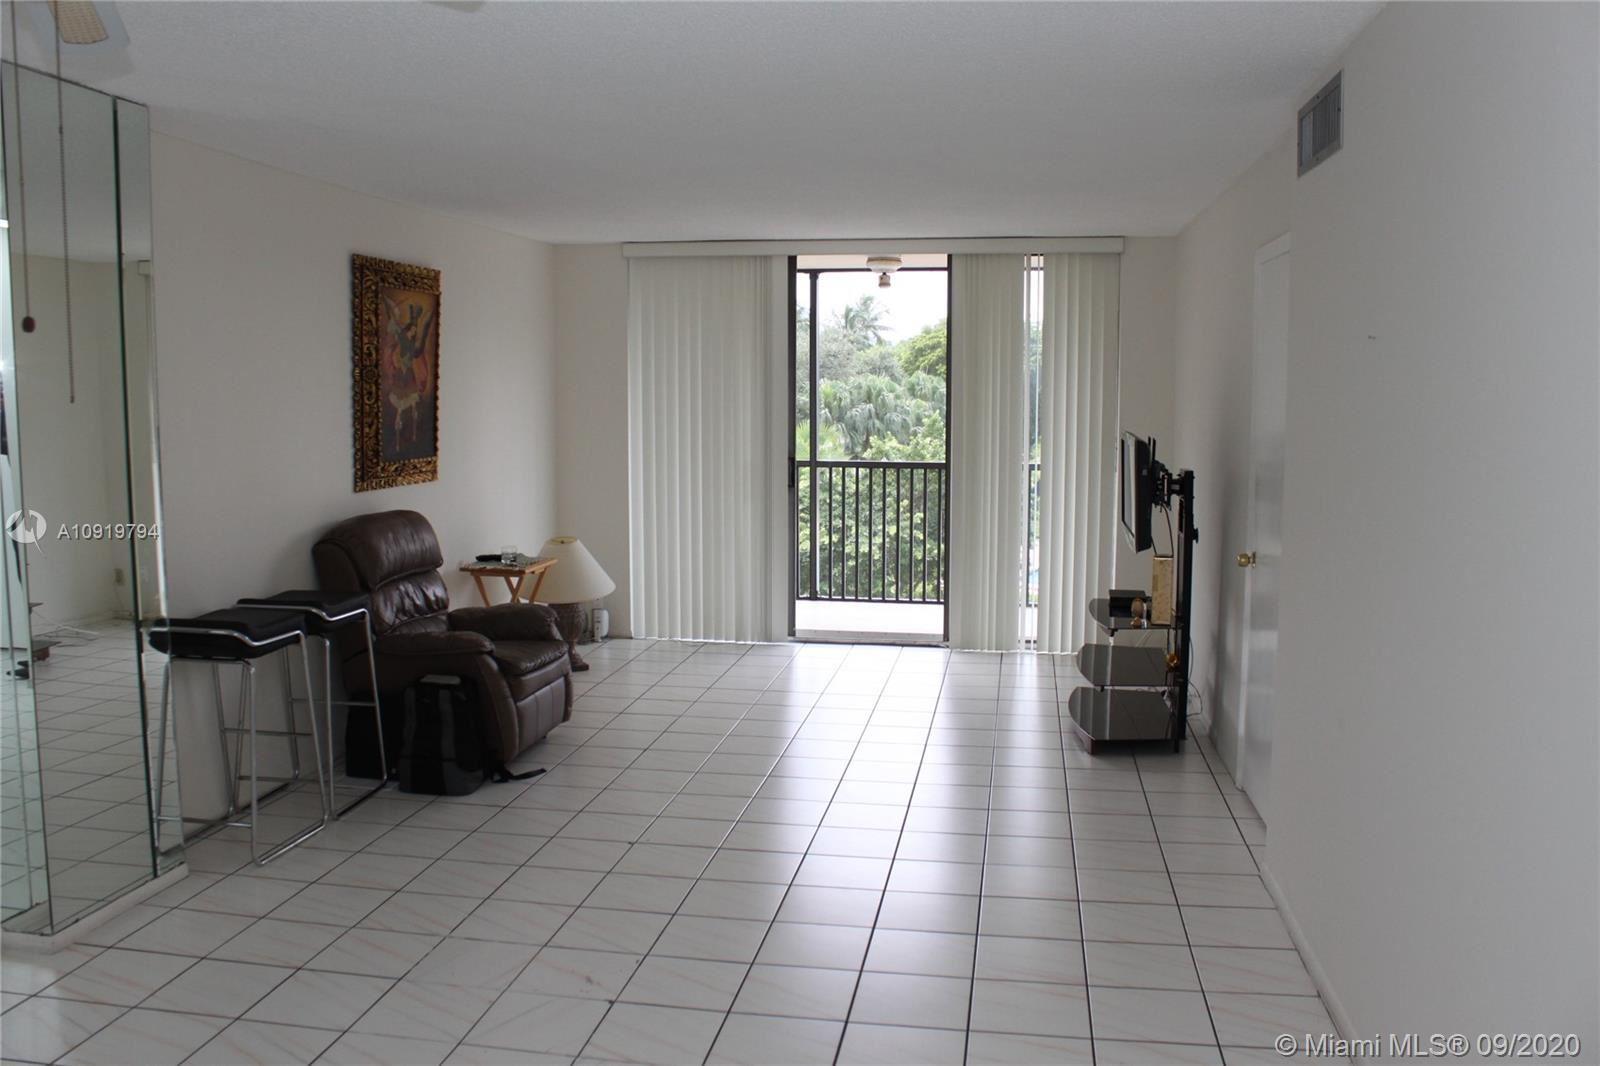 3301 N Country Club Dr #301, Aventura, FL 33180 - #: A10919794